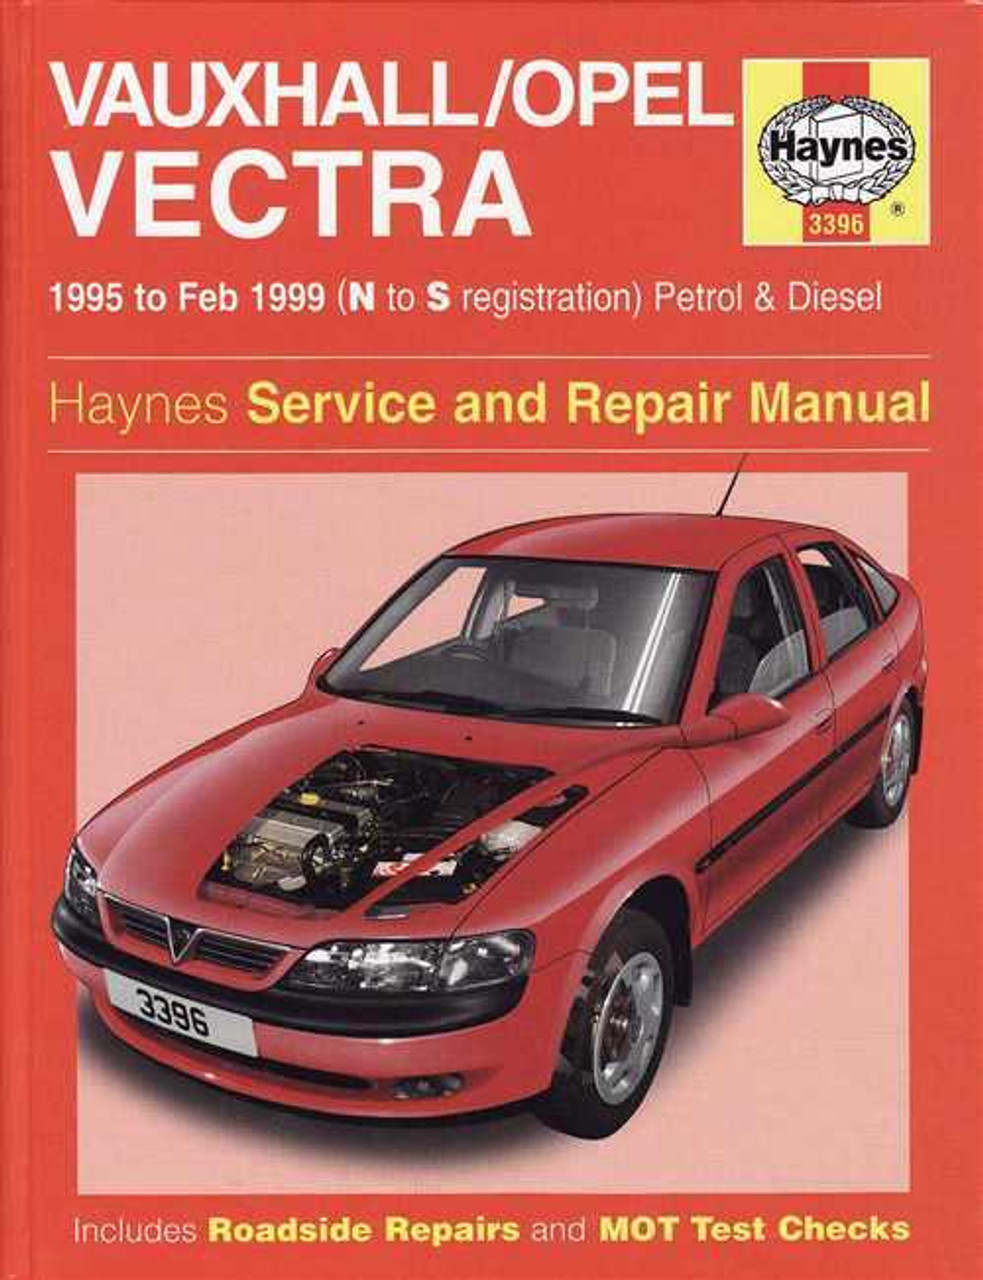 holden vectra 1995 1999 workshop manual rh automotobookshop com au holden vectra workshop manual free download holden vectra workshop manual